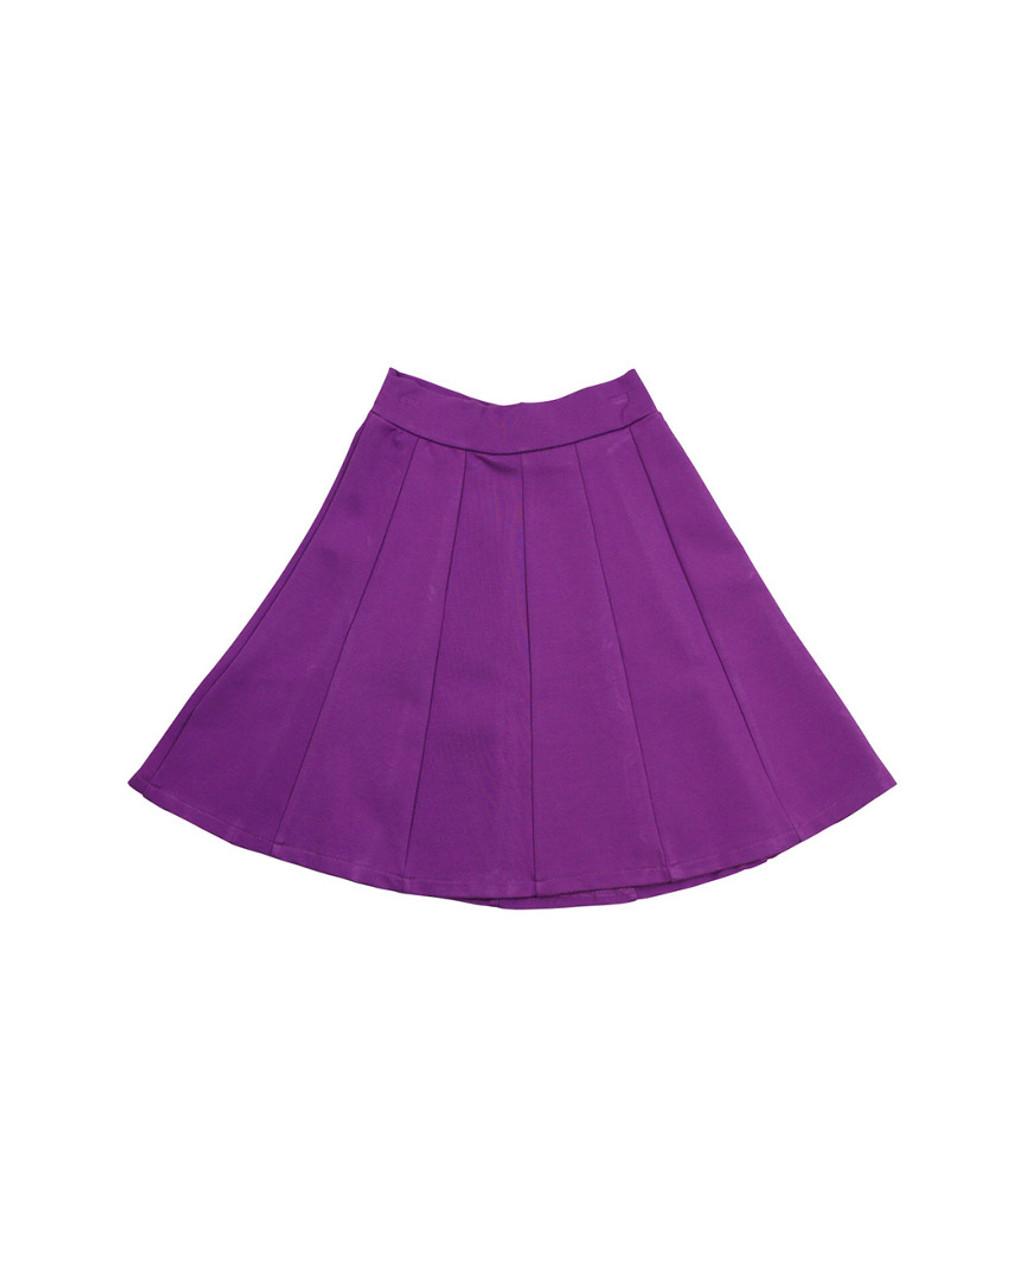 d173e4ce98b Teela NYC Textured A-Line Skirt~1511768687 - Herbergers